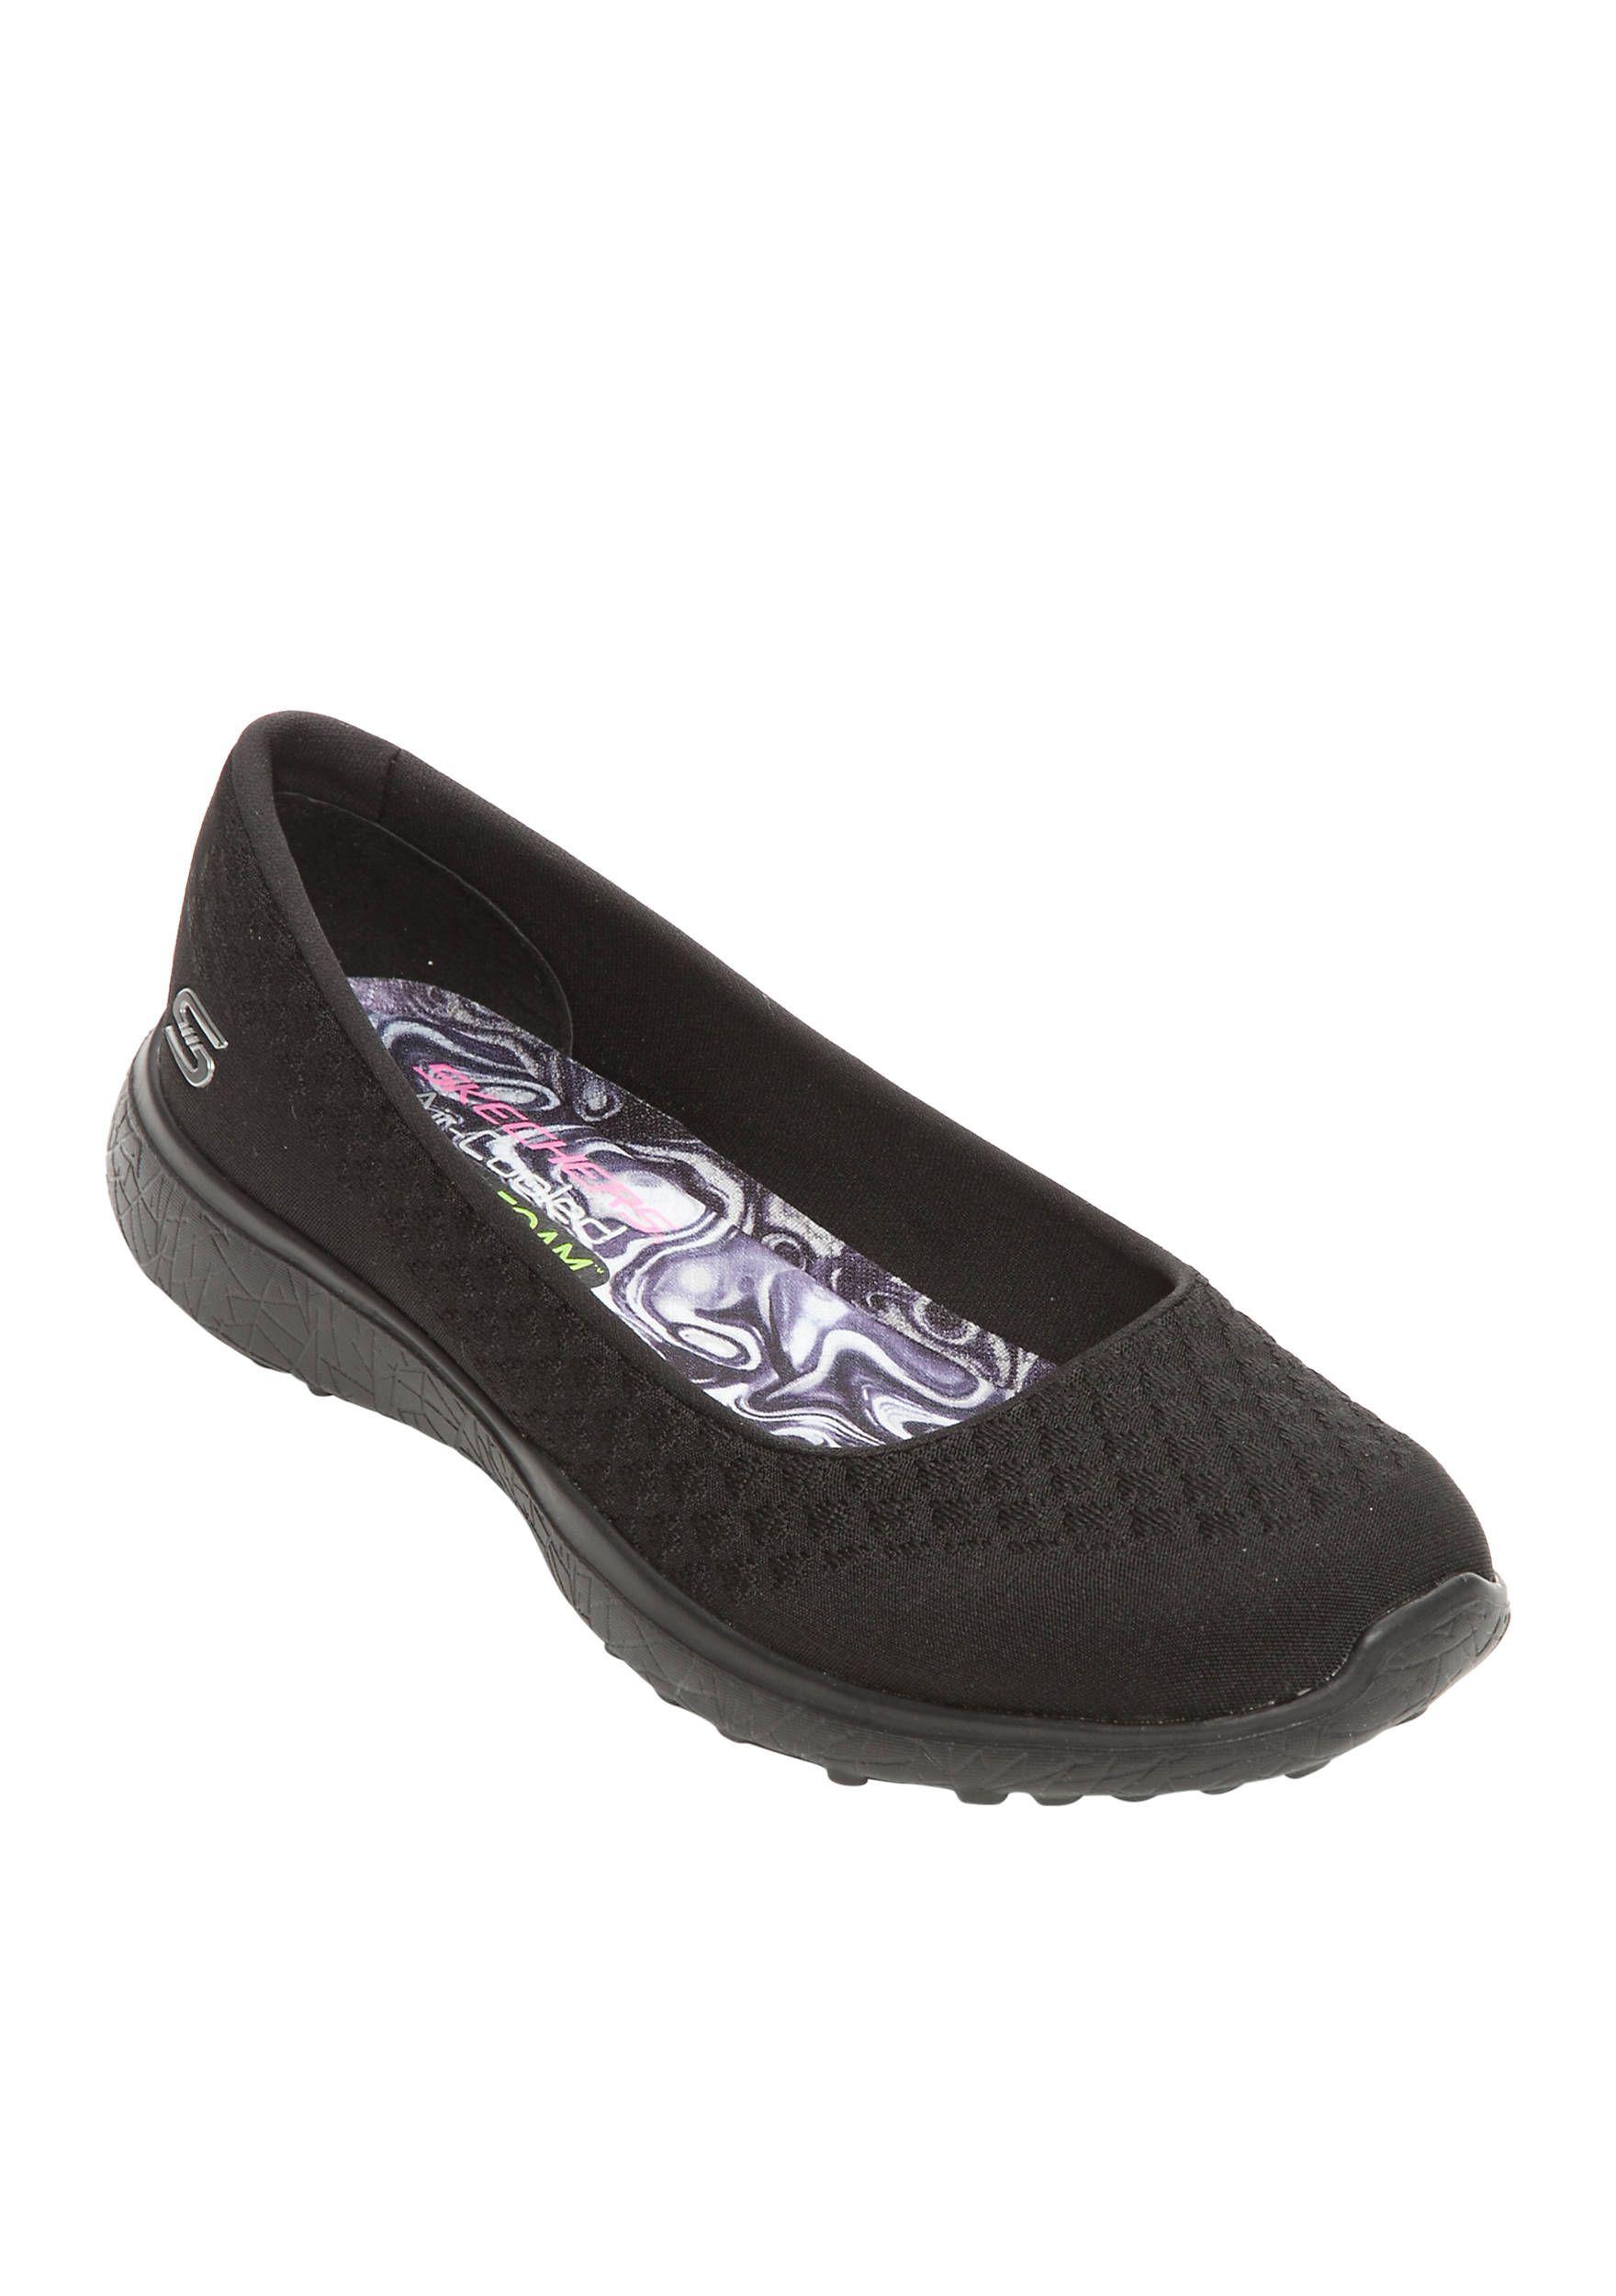 0eed30d5289 Skechers Women s Microburst One Up Shoe